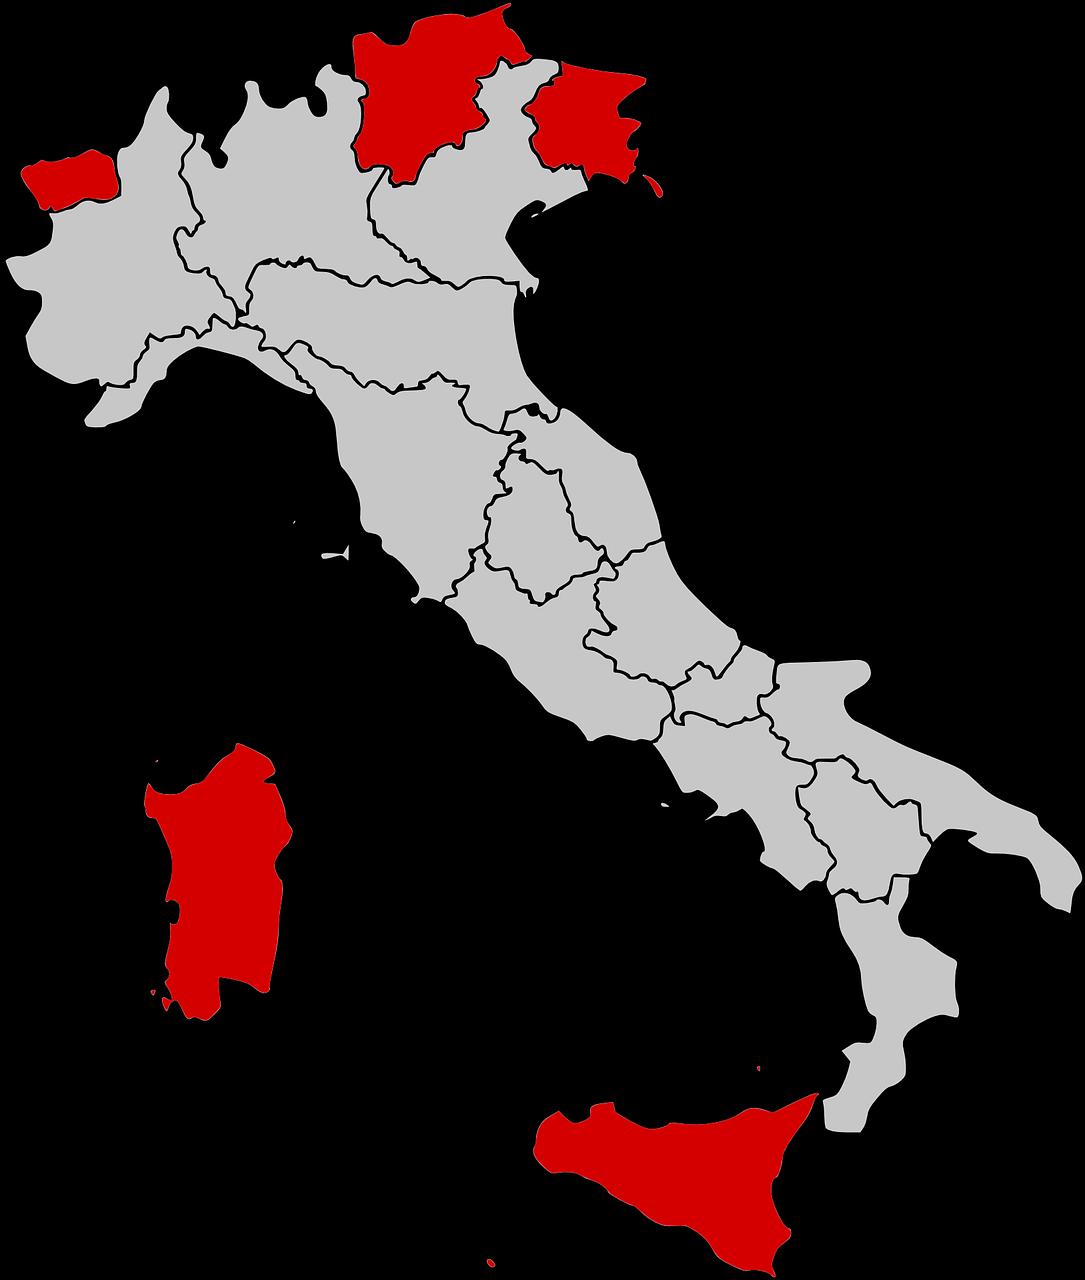 Wyślij paczkę za granicę – przesyłki kurierskie Polska Włochy. Paczka do Włoch